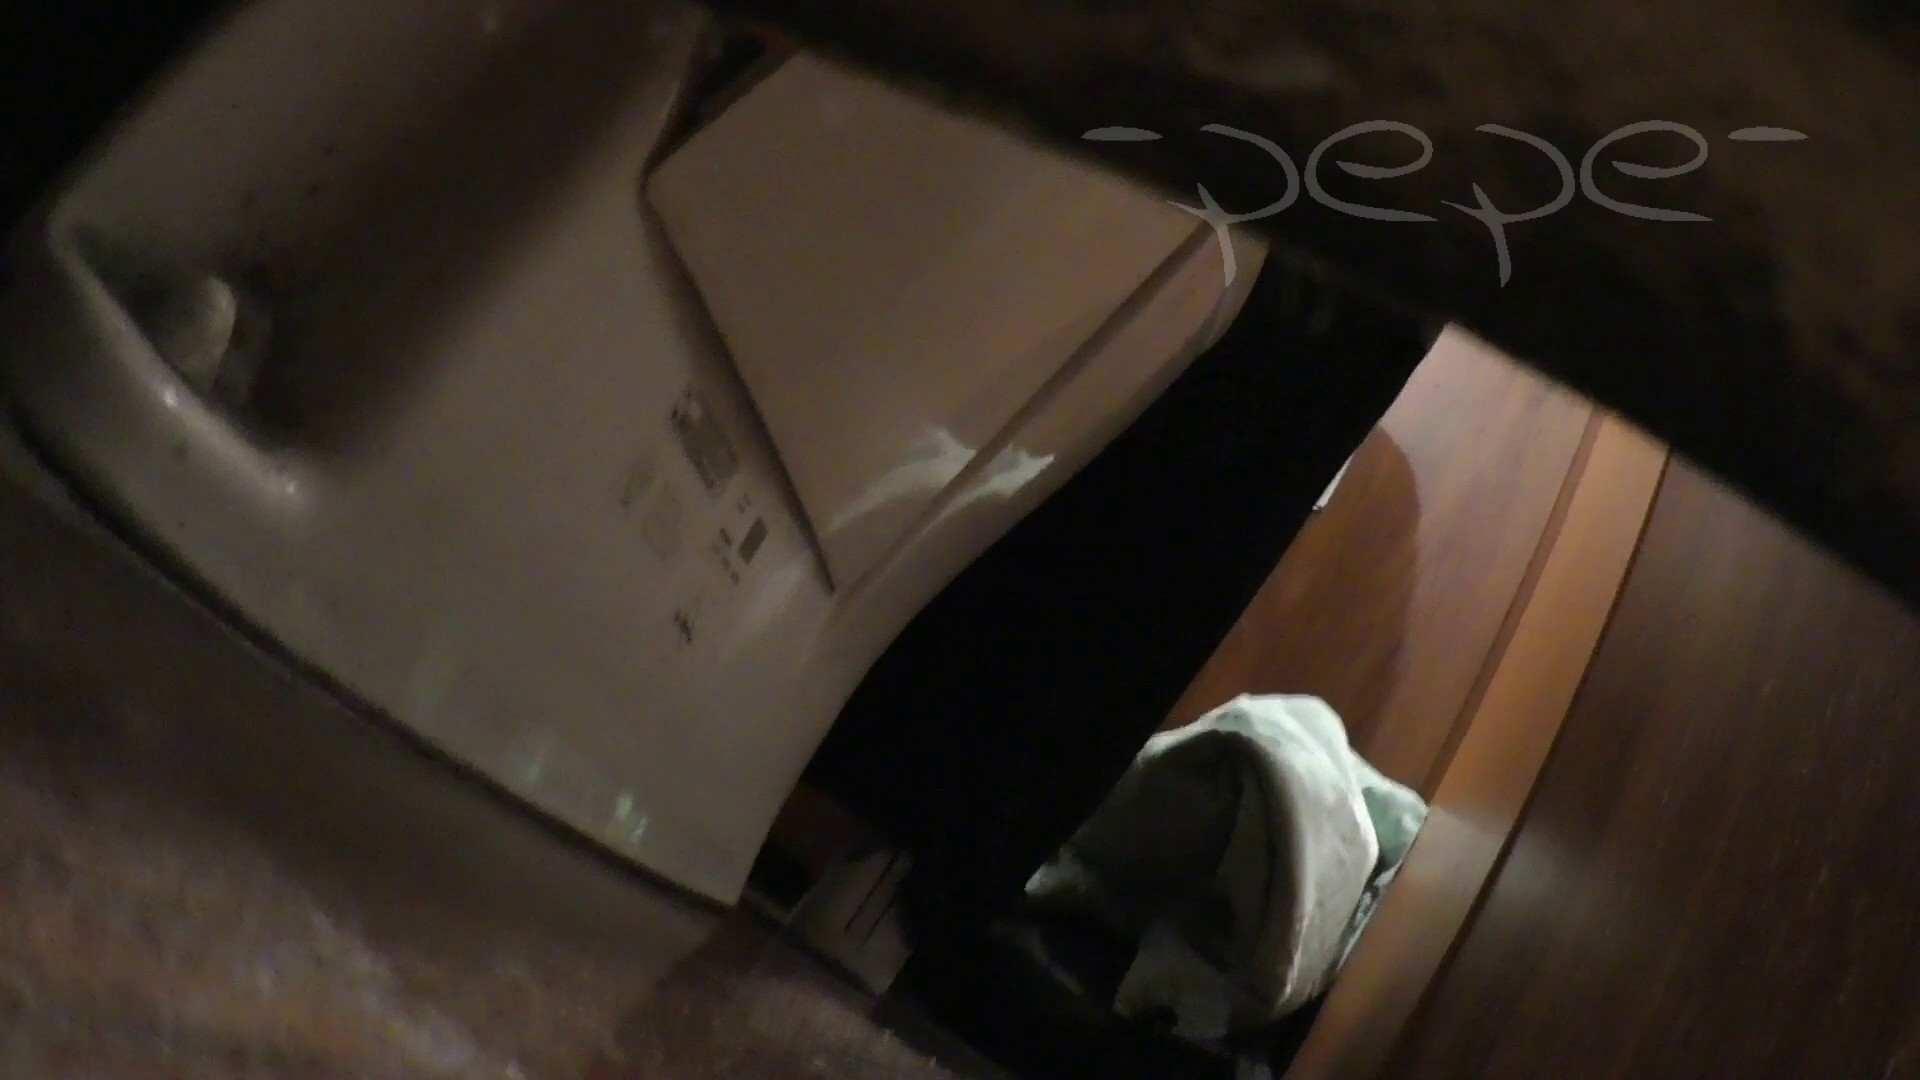 至高洗面所盗撮 29 至高店内撮り 見せますpepeの技!! 高画質 SEX無修正画像 94画像 34